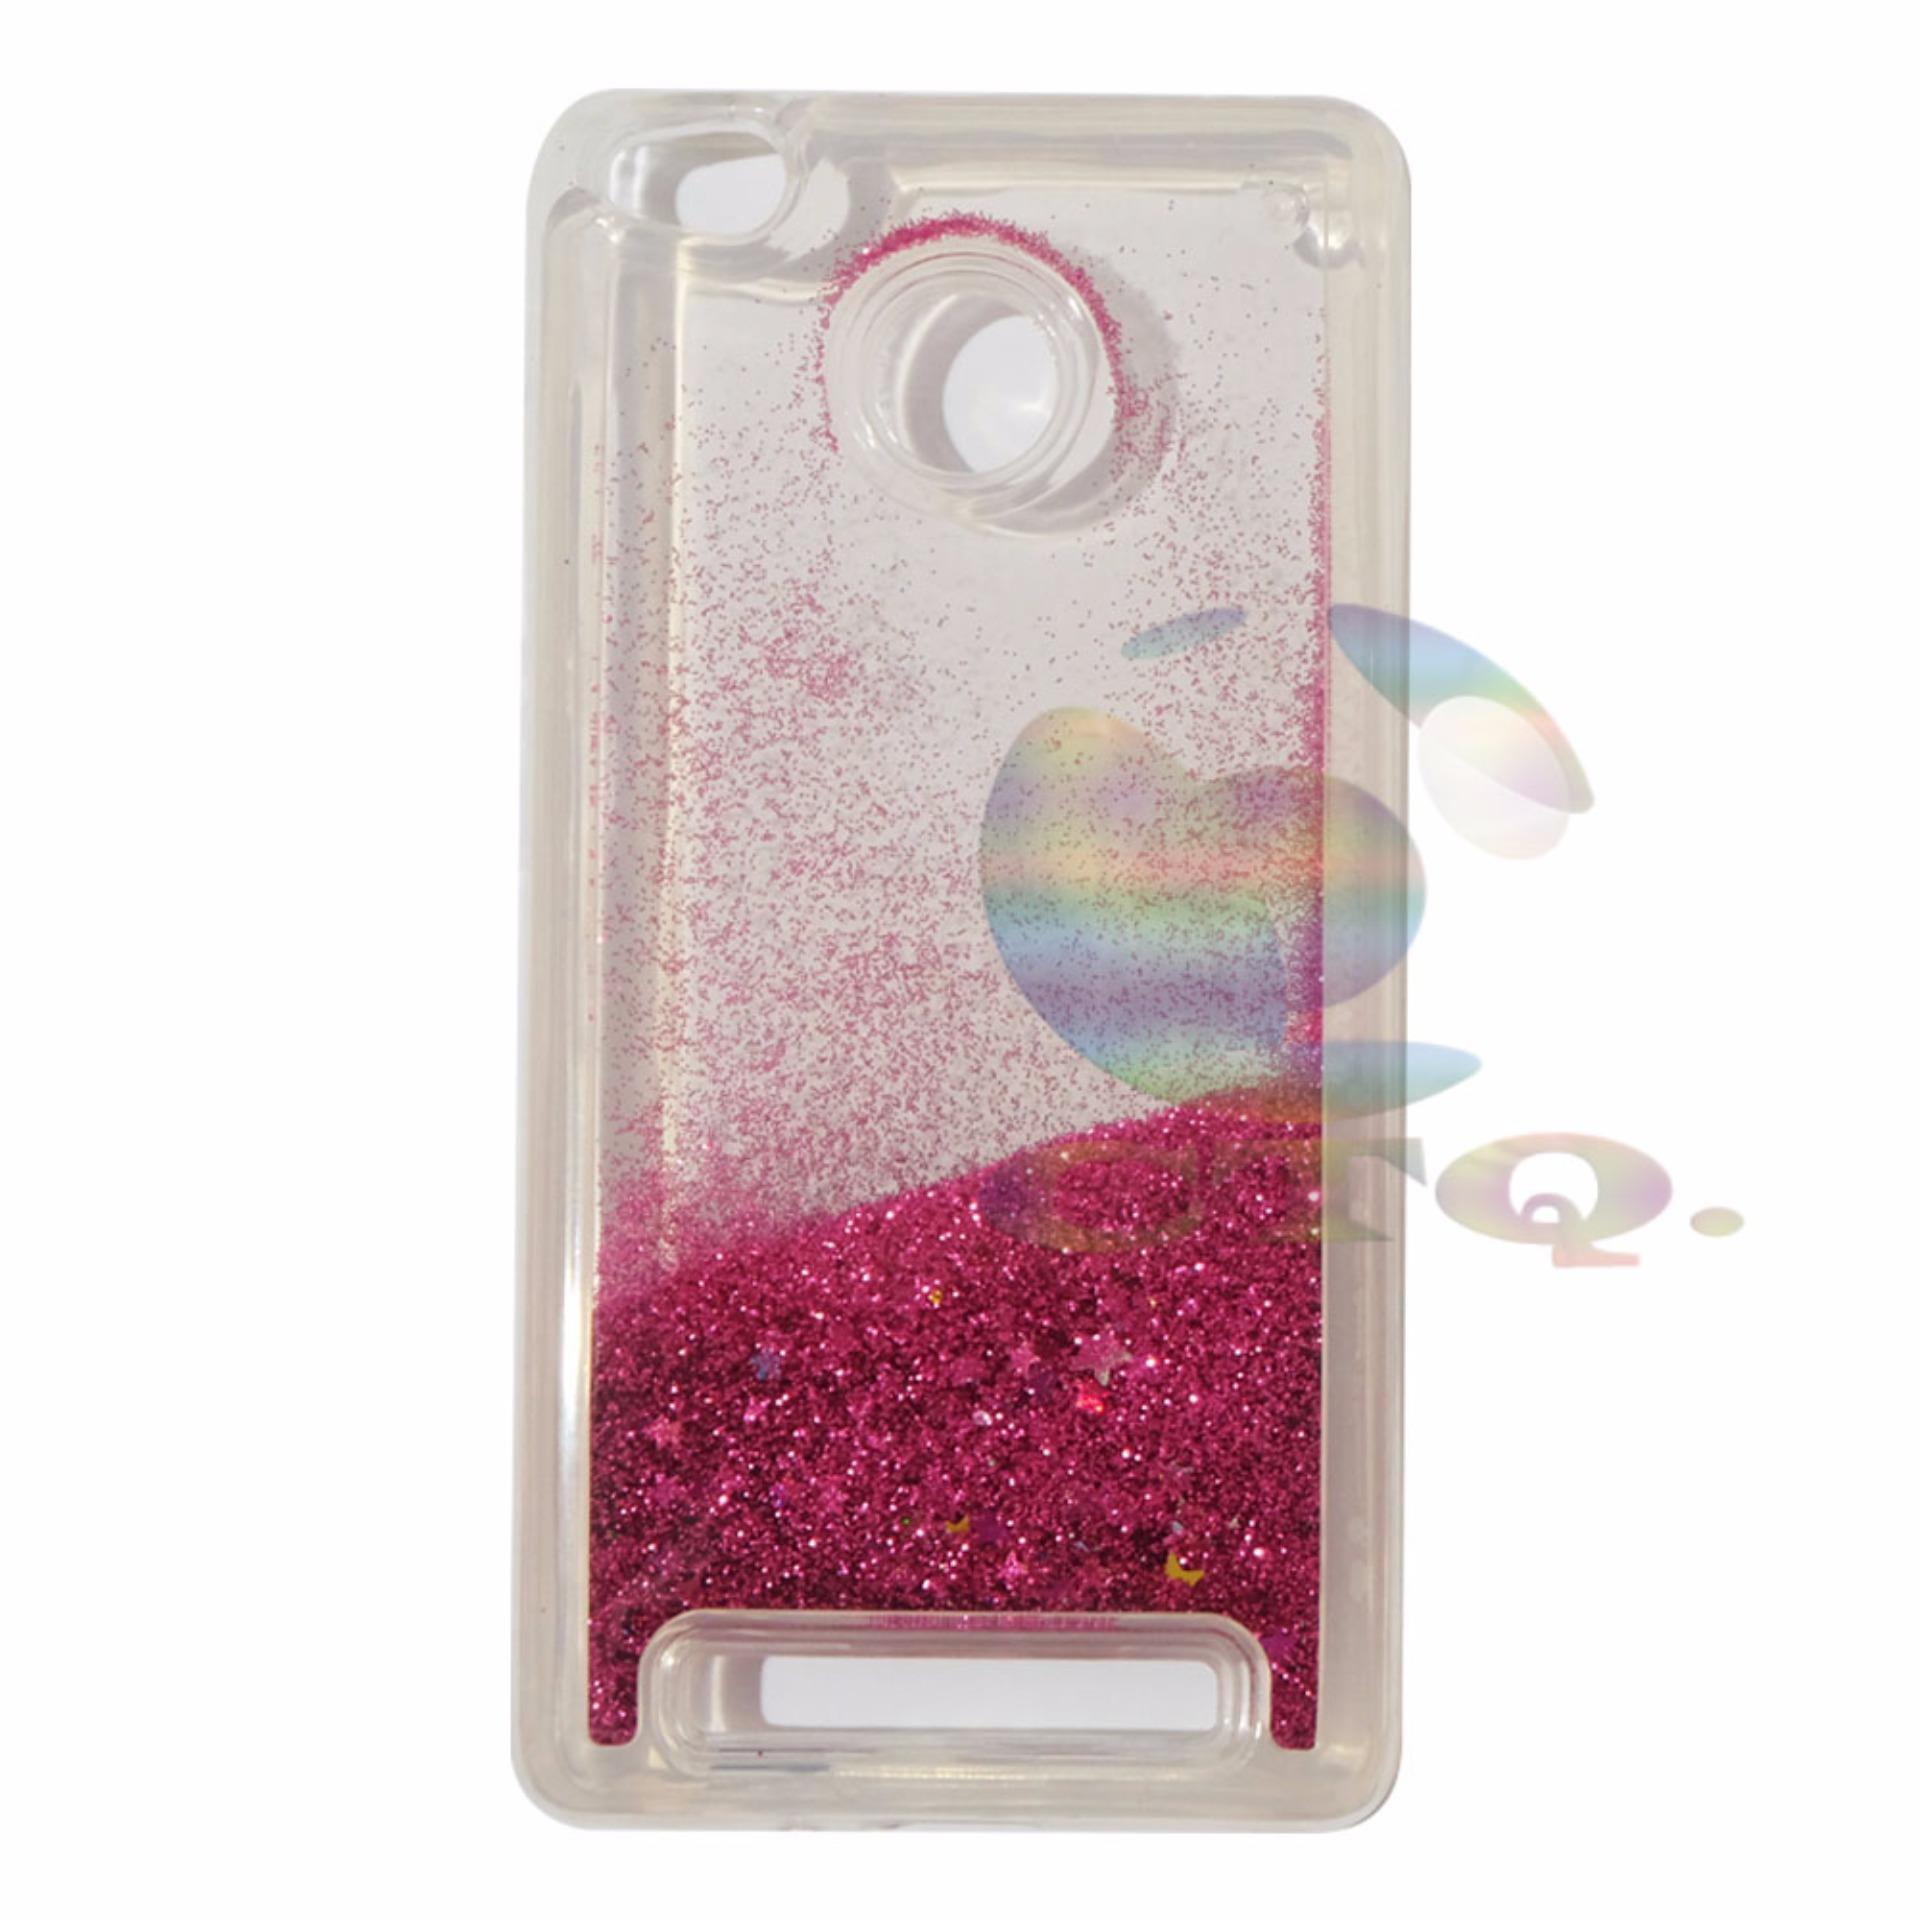 Icantiq Case Xiaomi Redmi 3S Softcase Water Glitter Soft Back Case/ Sillicone .